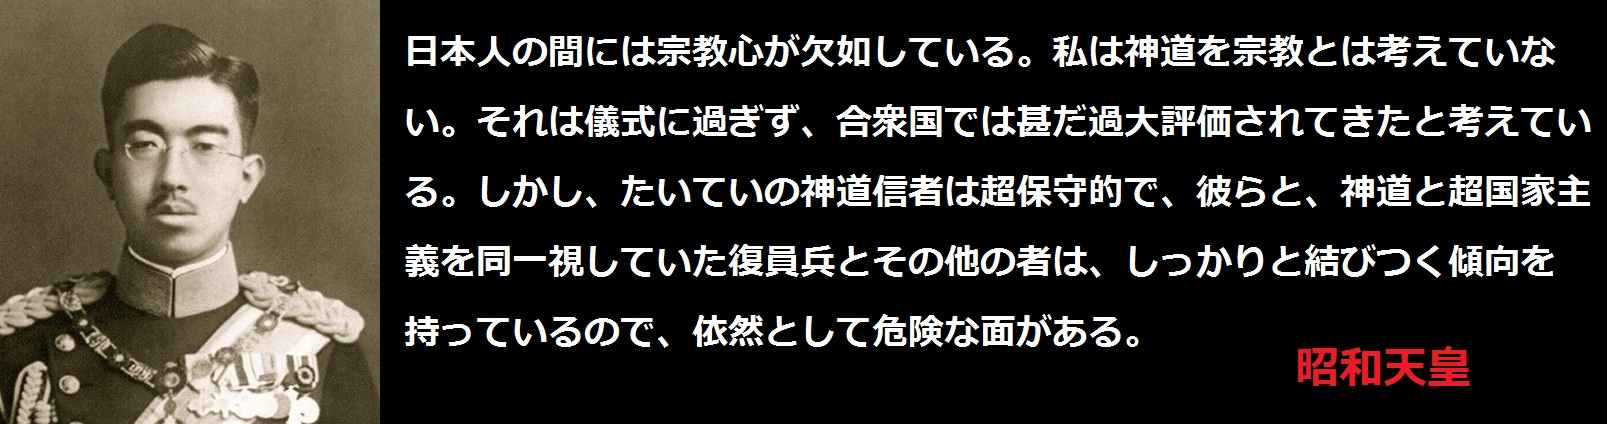 f:id:JAPbuster:20170519183137j:plain